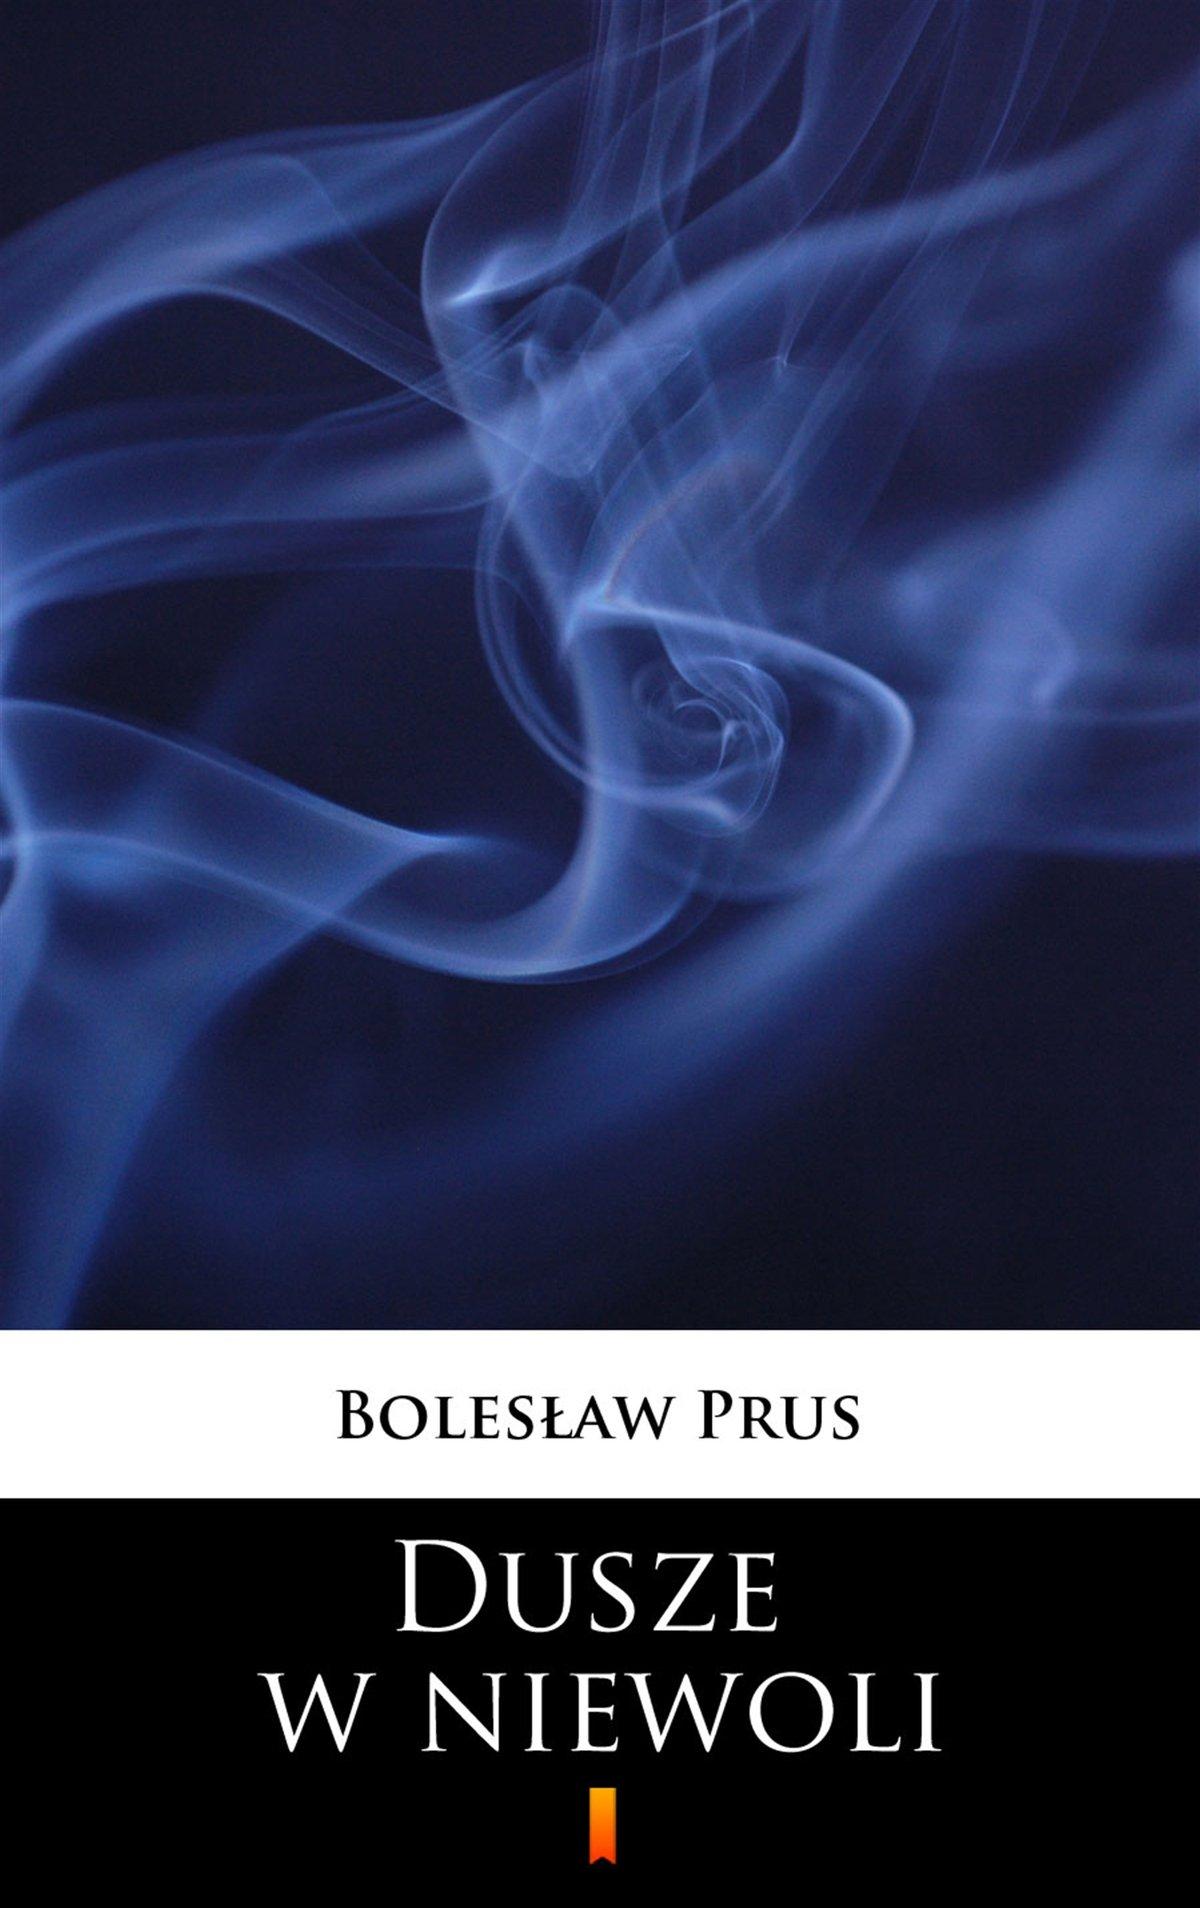 Dusze w niewoli - Ebook (Książka na Kindle) do pobrania w formacie MOBI